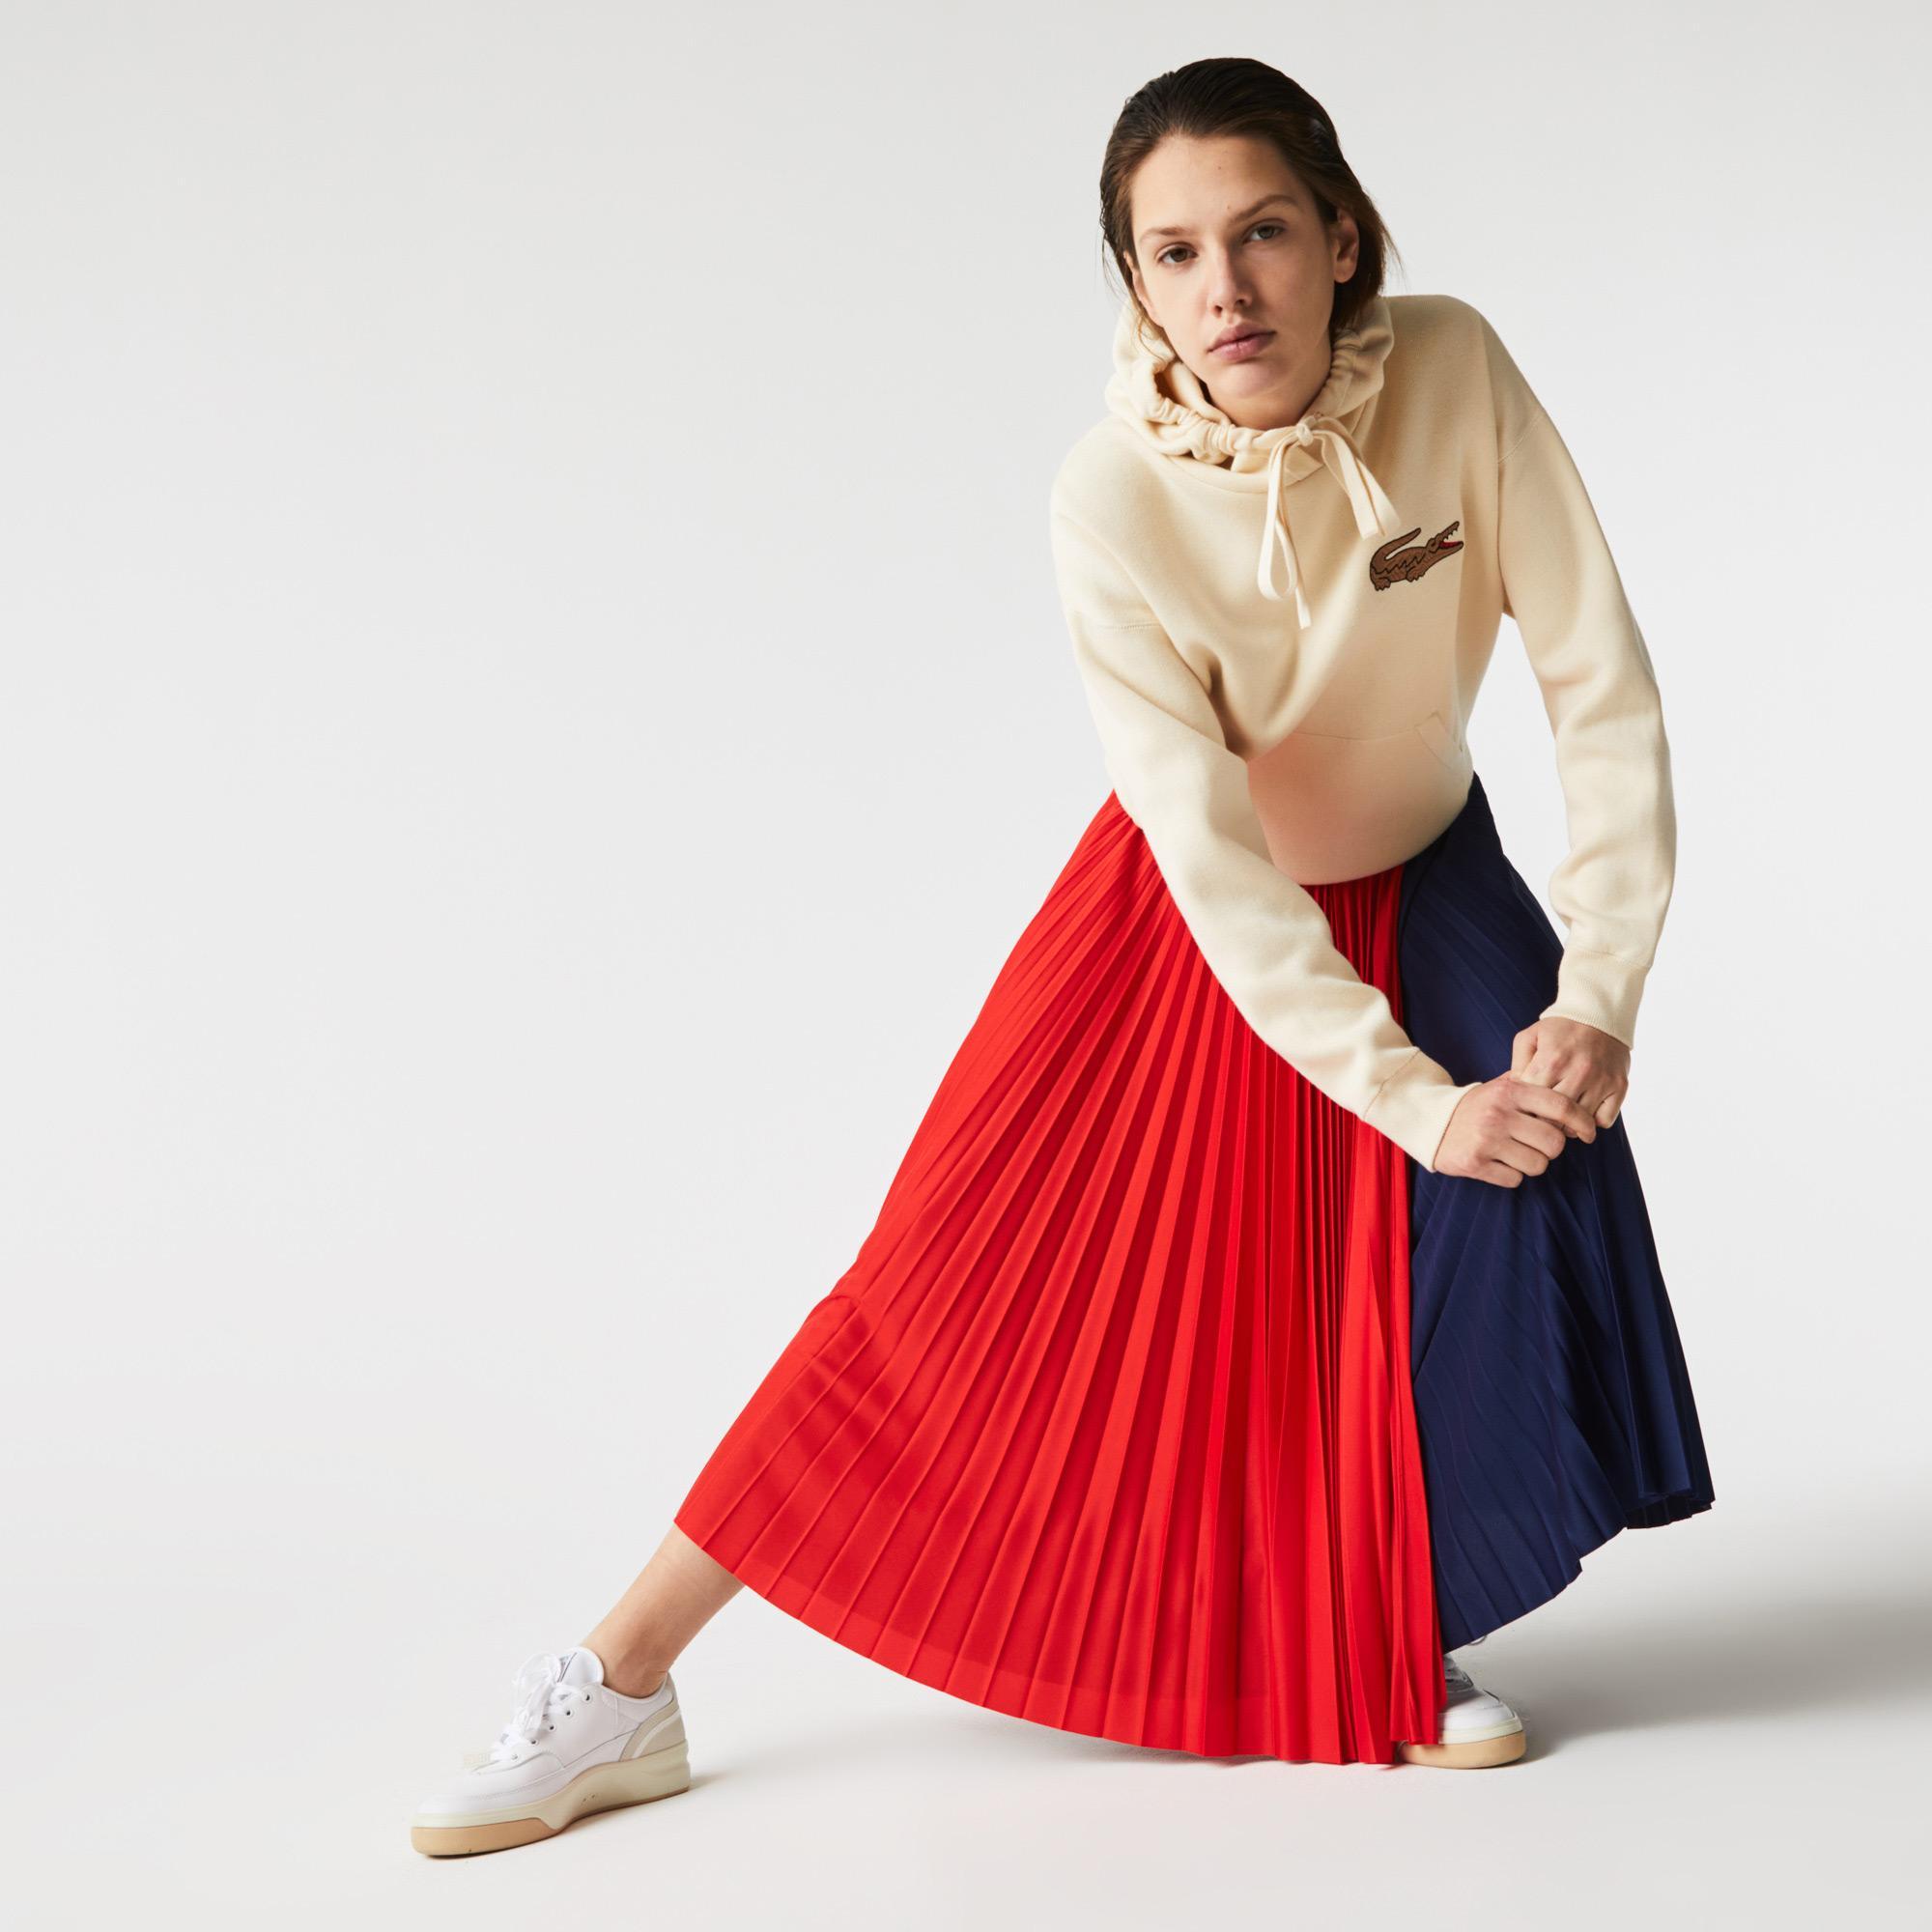 Lacoste Kadın Renk Bloklu Lacivert - Kırmızı Etek